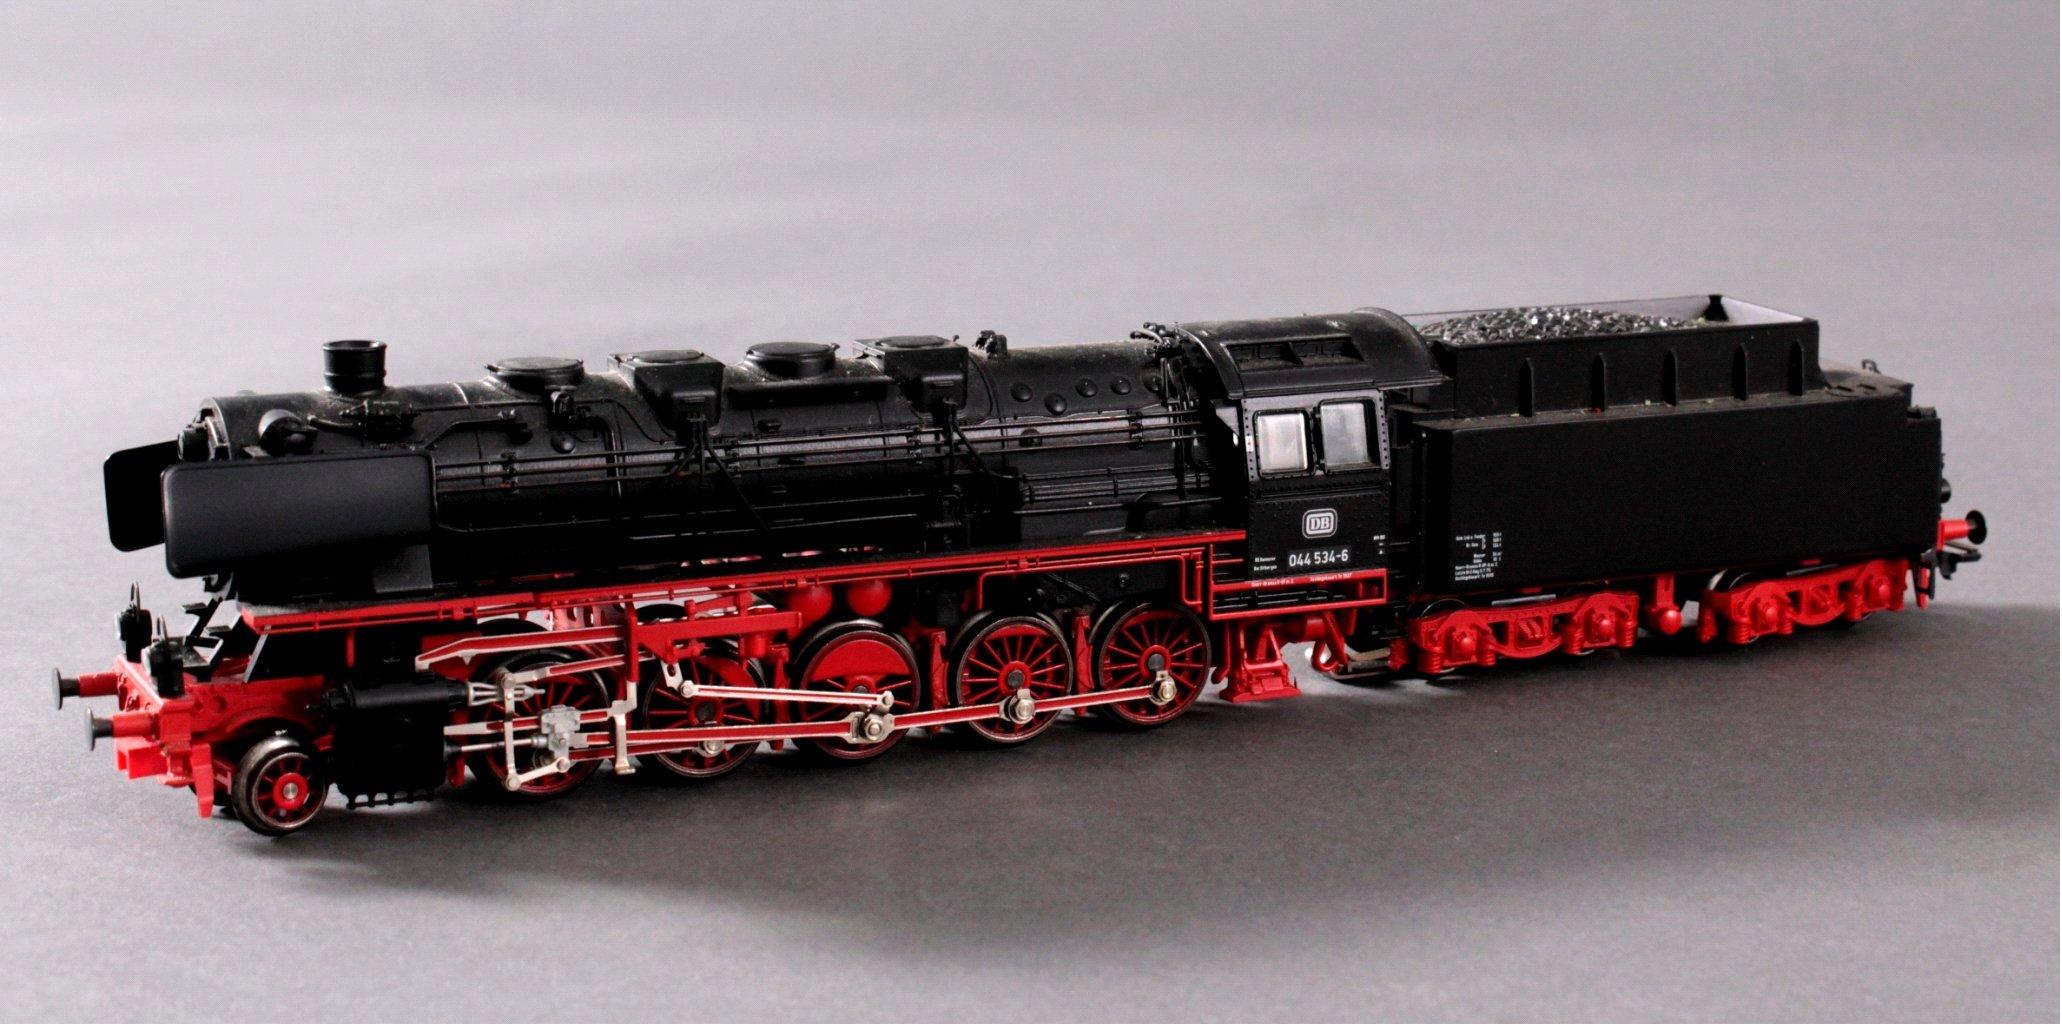 Märklin H0 37880 Dampf-Lok BR 044 534-6 der DB mit-1